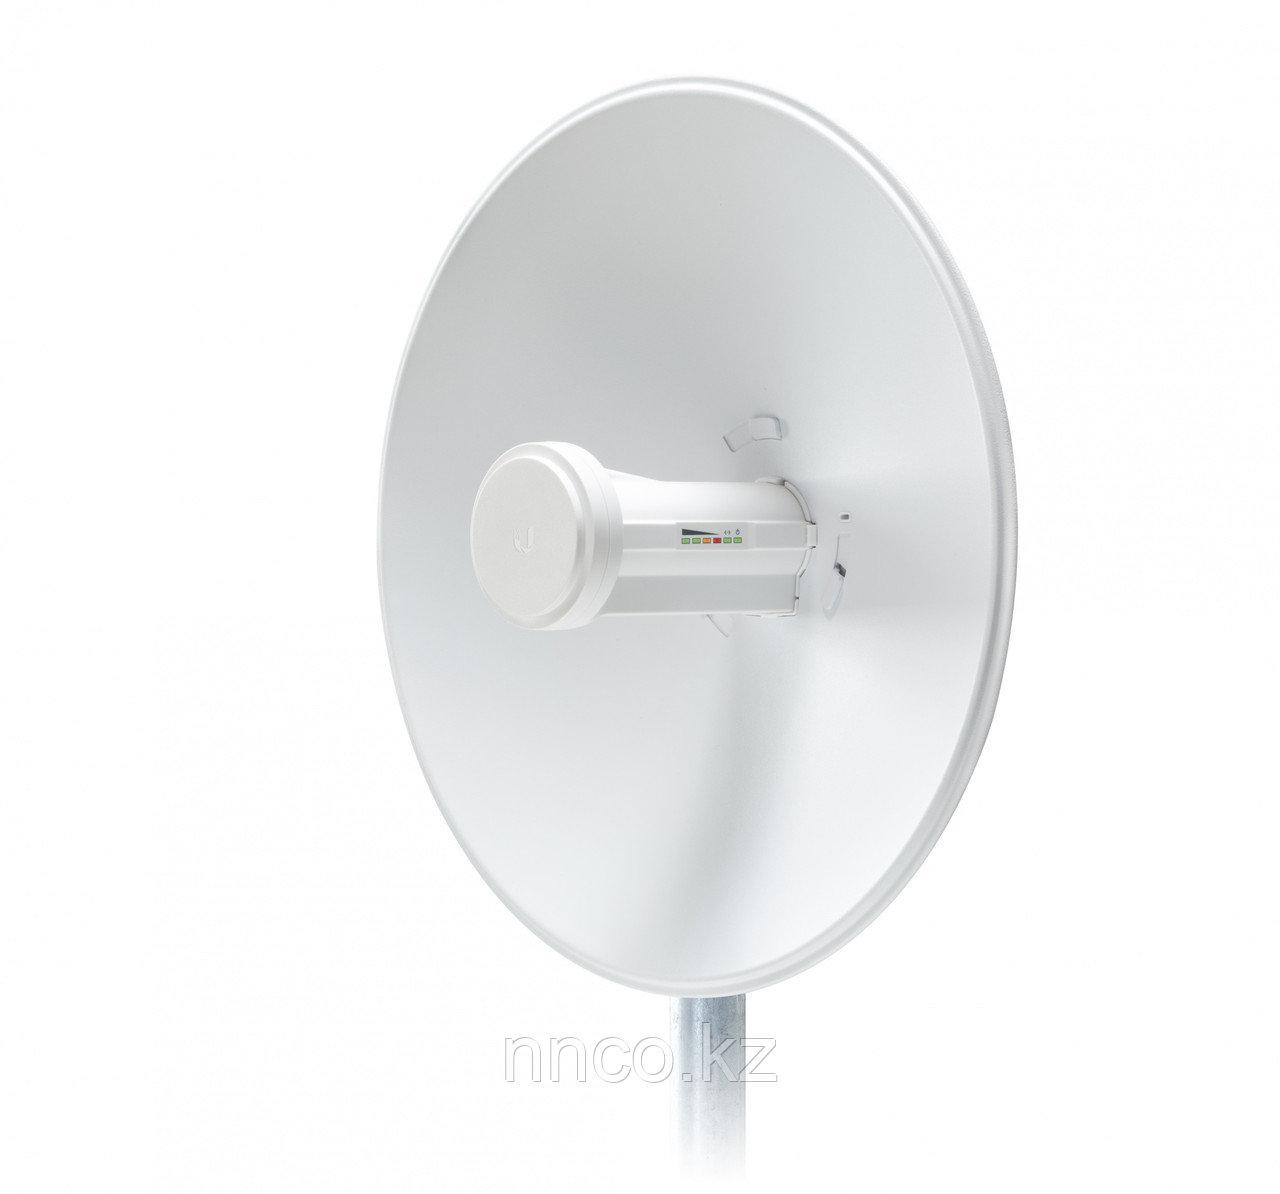 Радиомост Ubiquiti PowerBeam 5AC-300